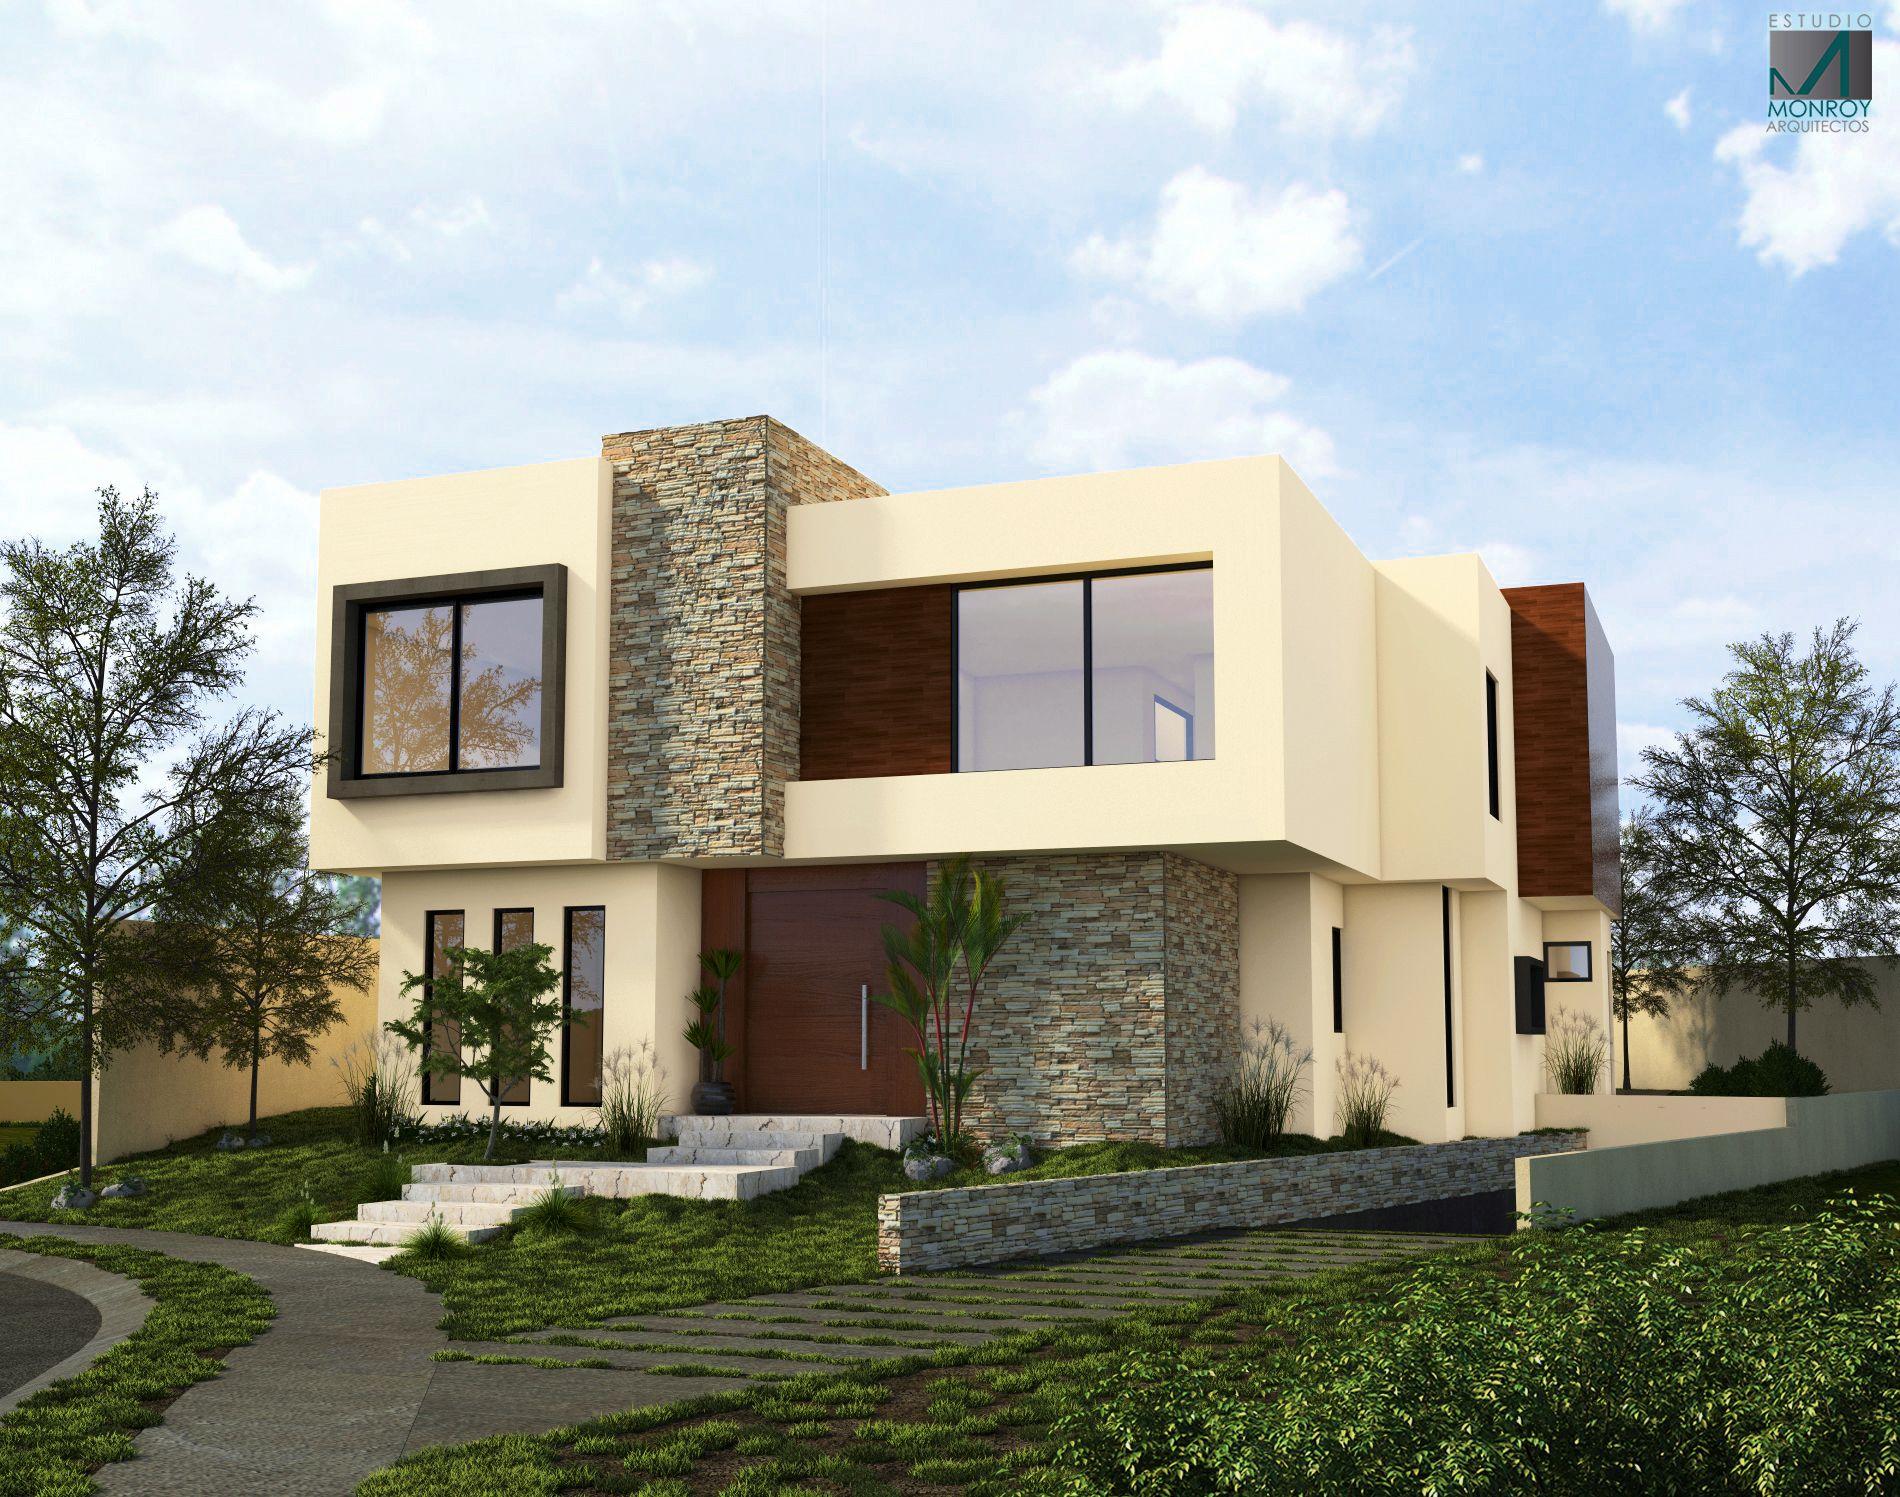 Residencia contemporanea fachada casa residencial pa 08 for Casa contemporanea